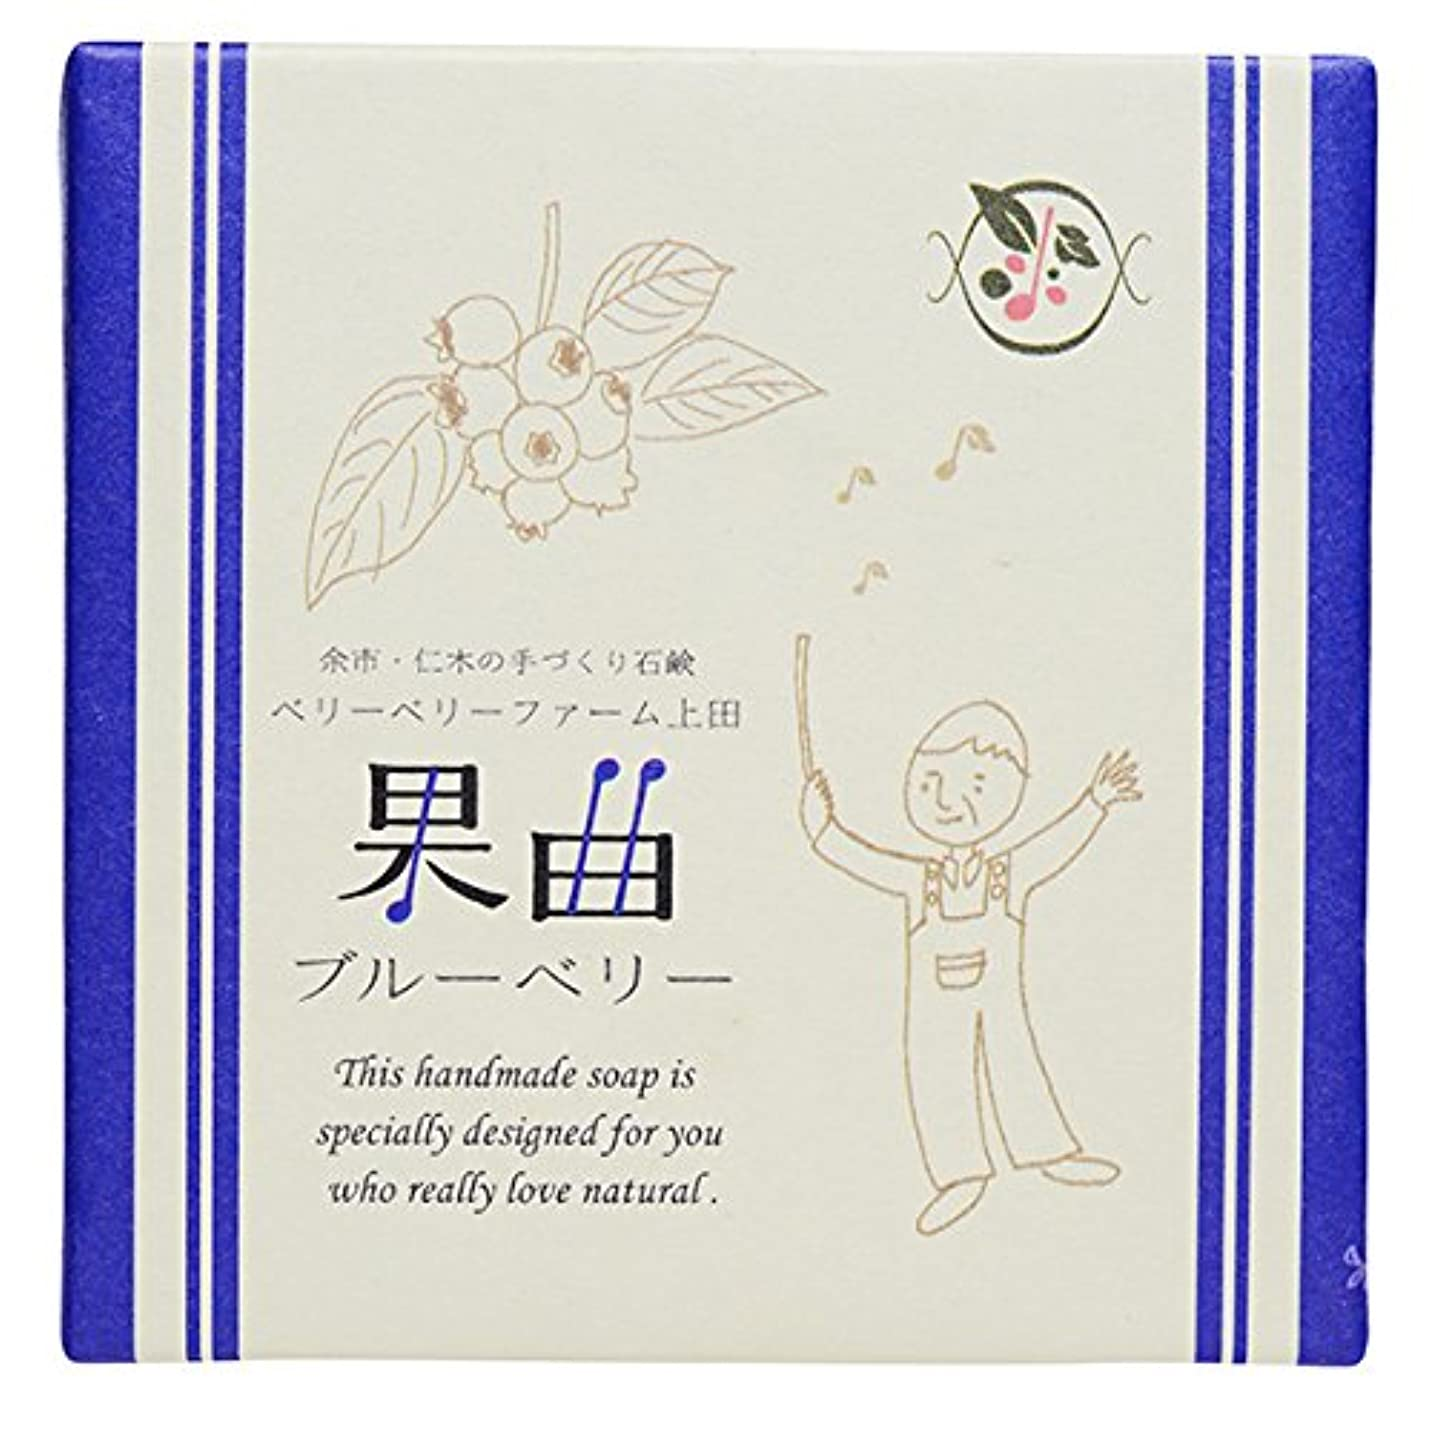 発見学者大腿余市町仁木のベリーベリーファーム上田との共同開発 果曲(ブルーベリー)純練り石鹸